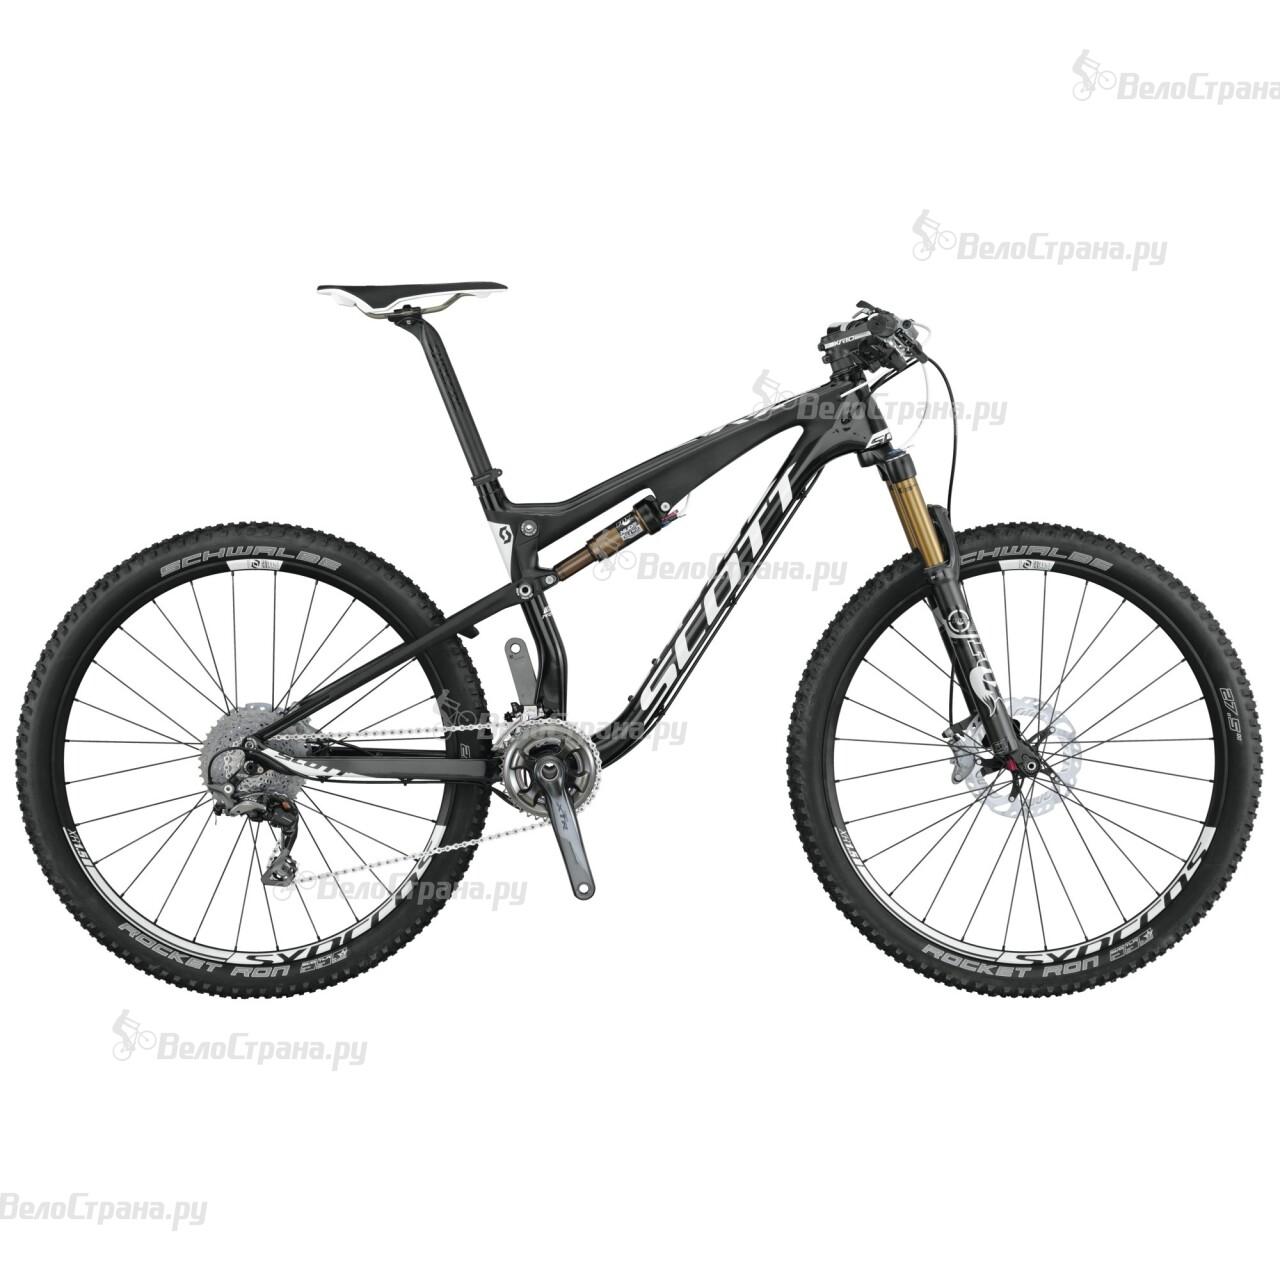 Велосипед Scott Spark 700 Premium (2015) телефон wileyfox spark